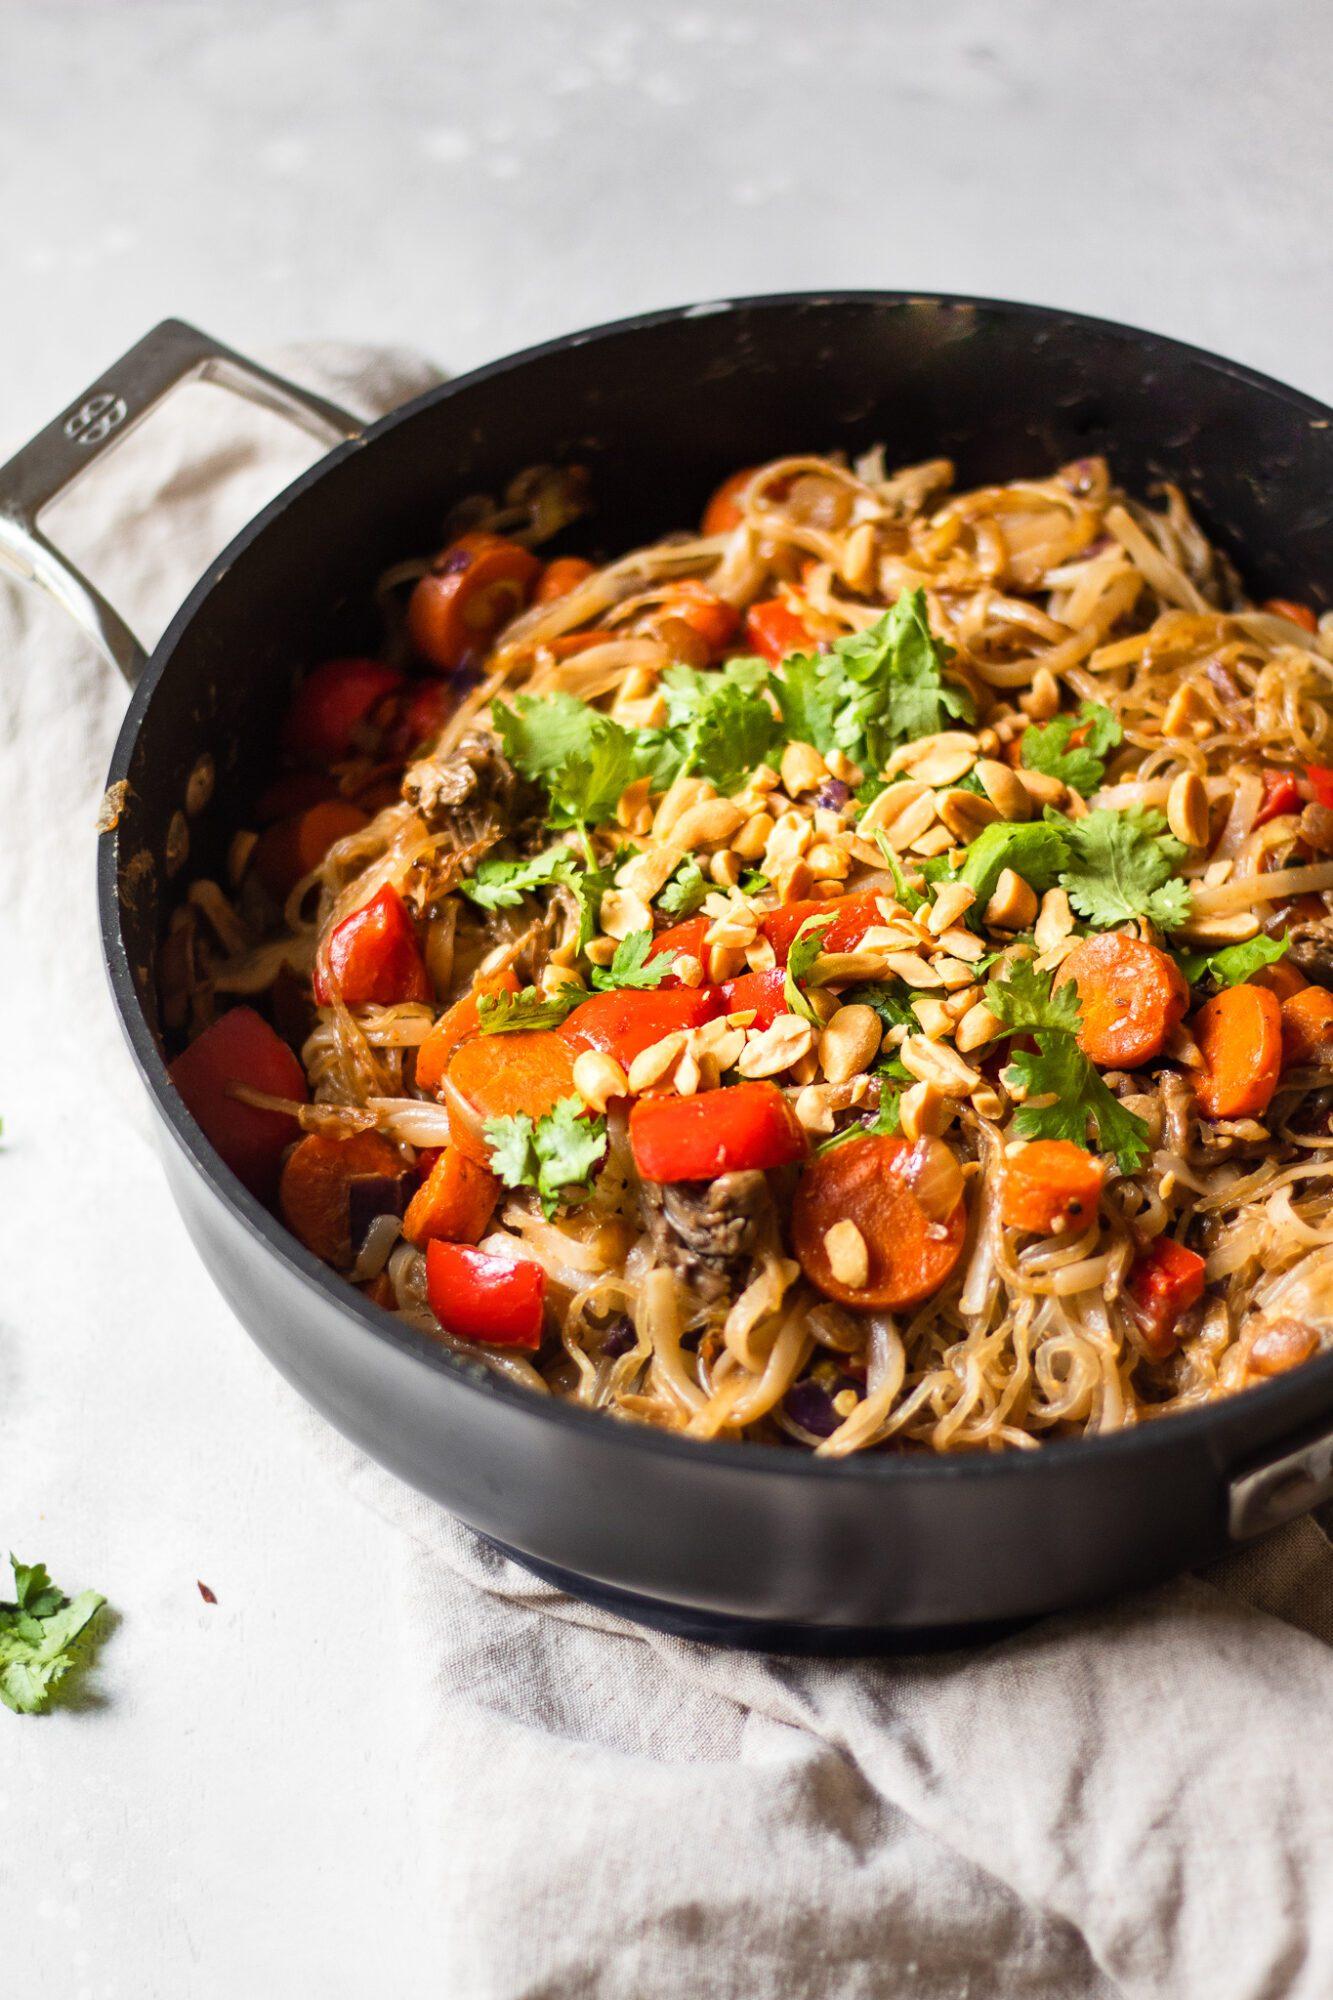 skillet of noodles